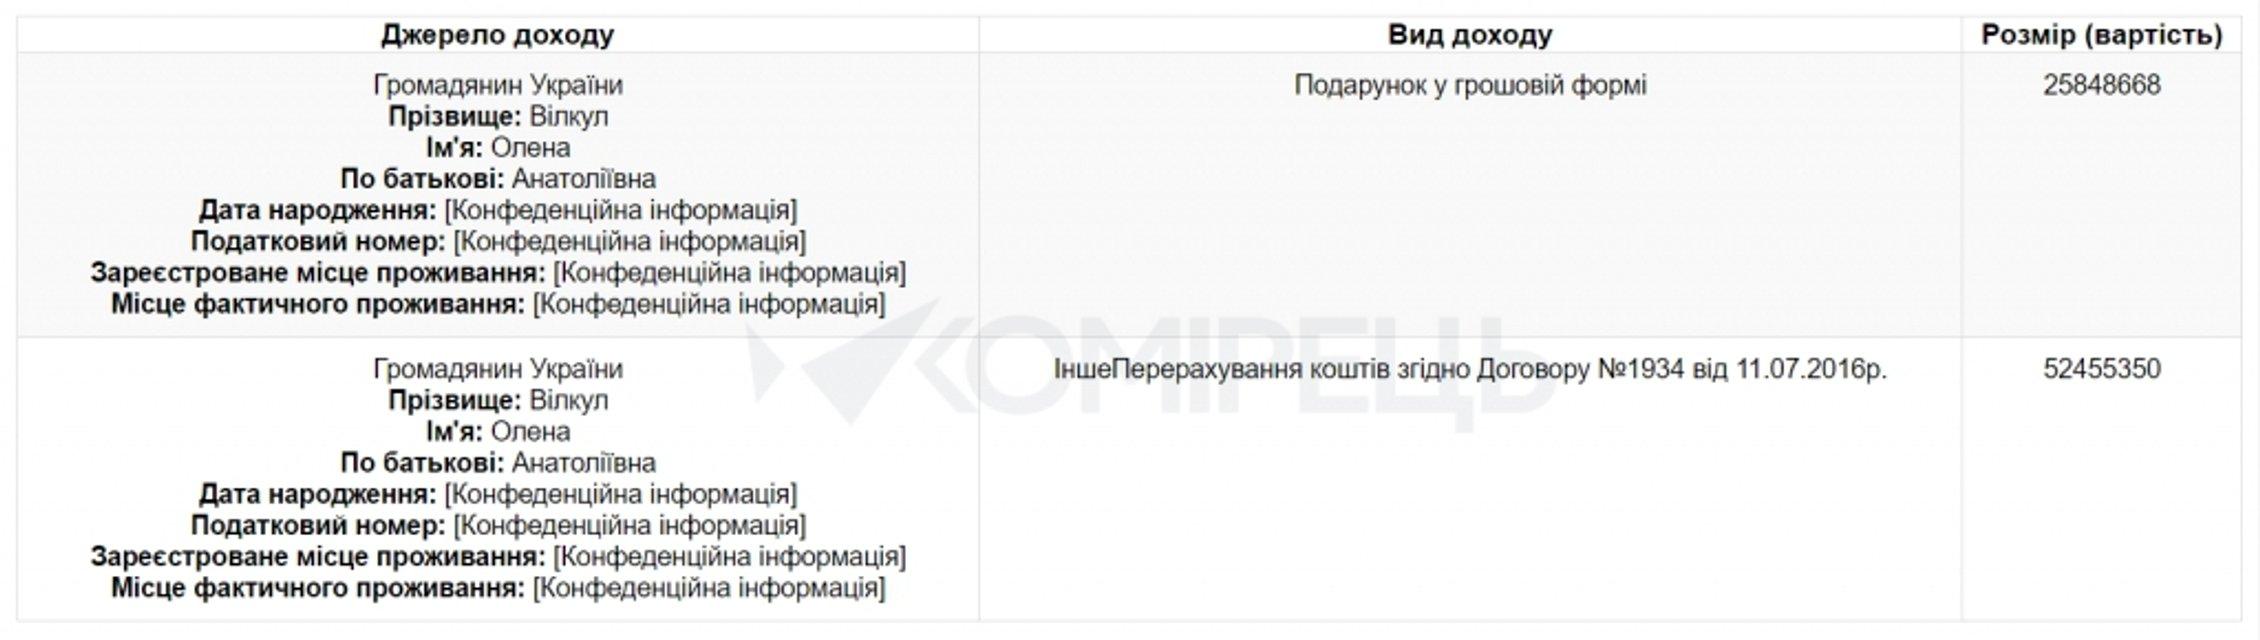 Депутат Вилкул получил от жены 78 млн гривен, 25 млн - как подарок - фото 22679